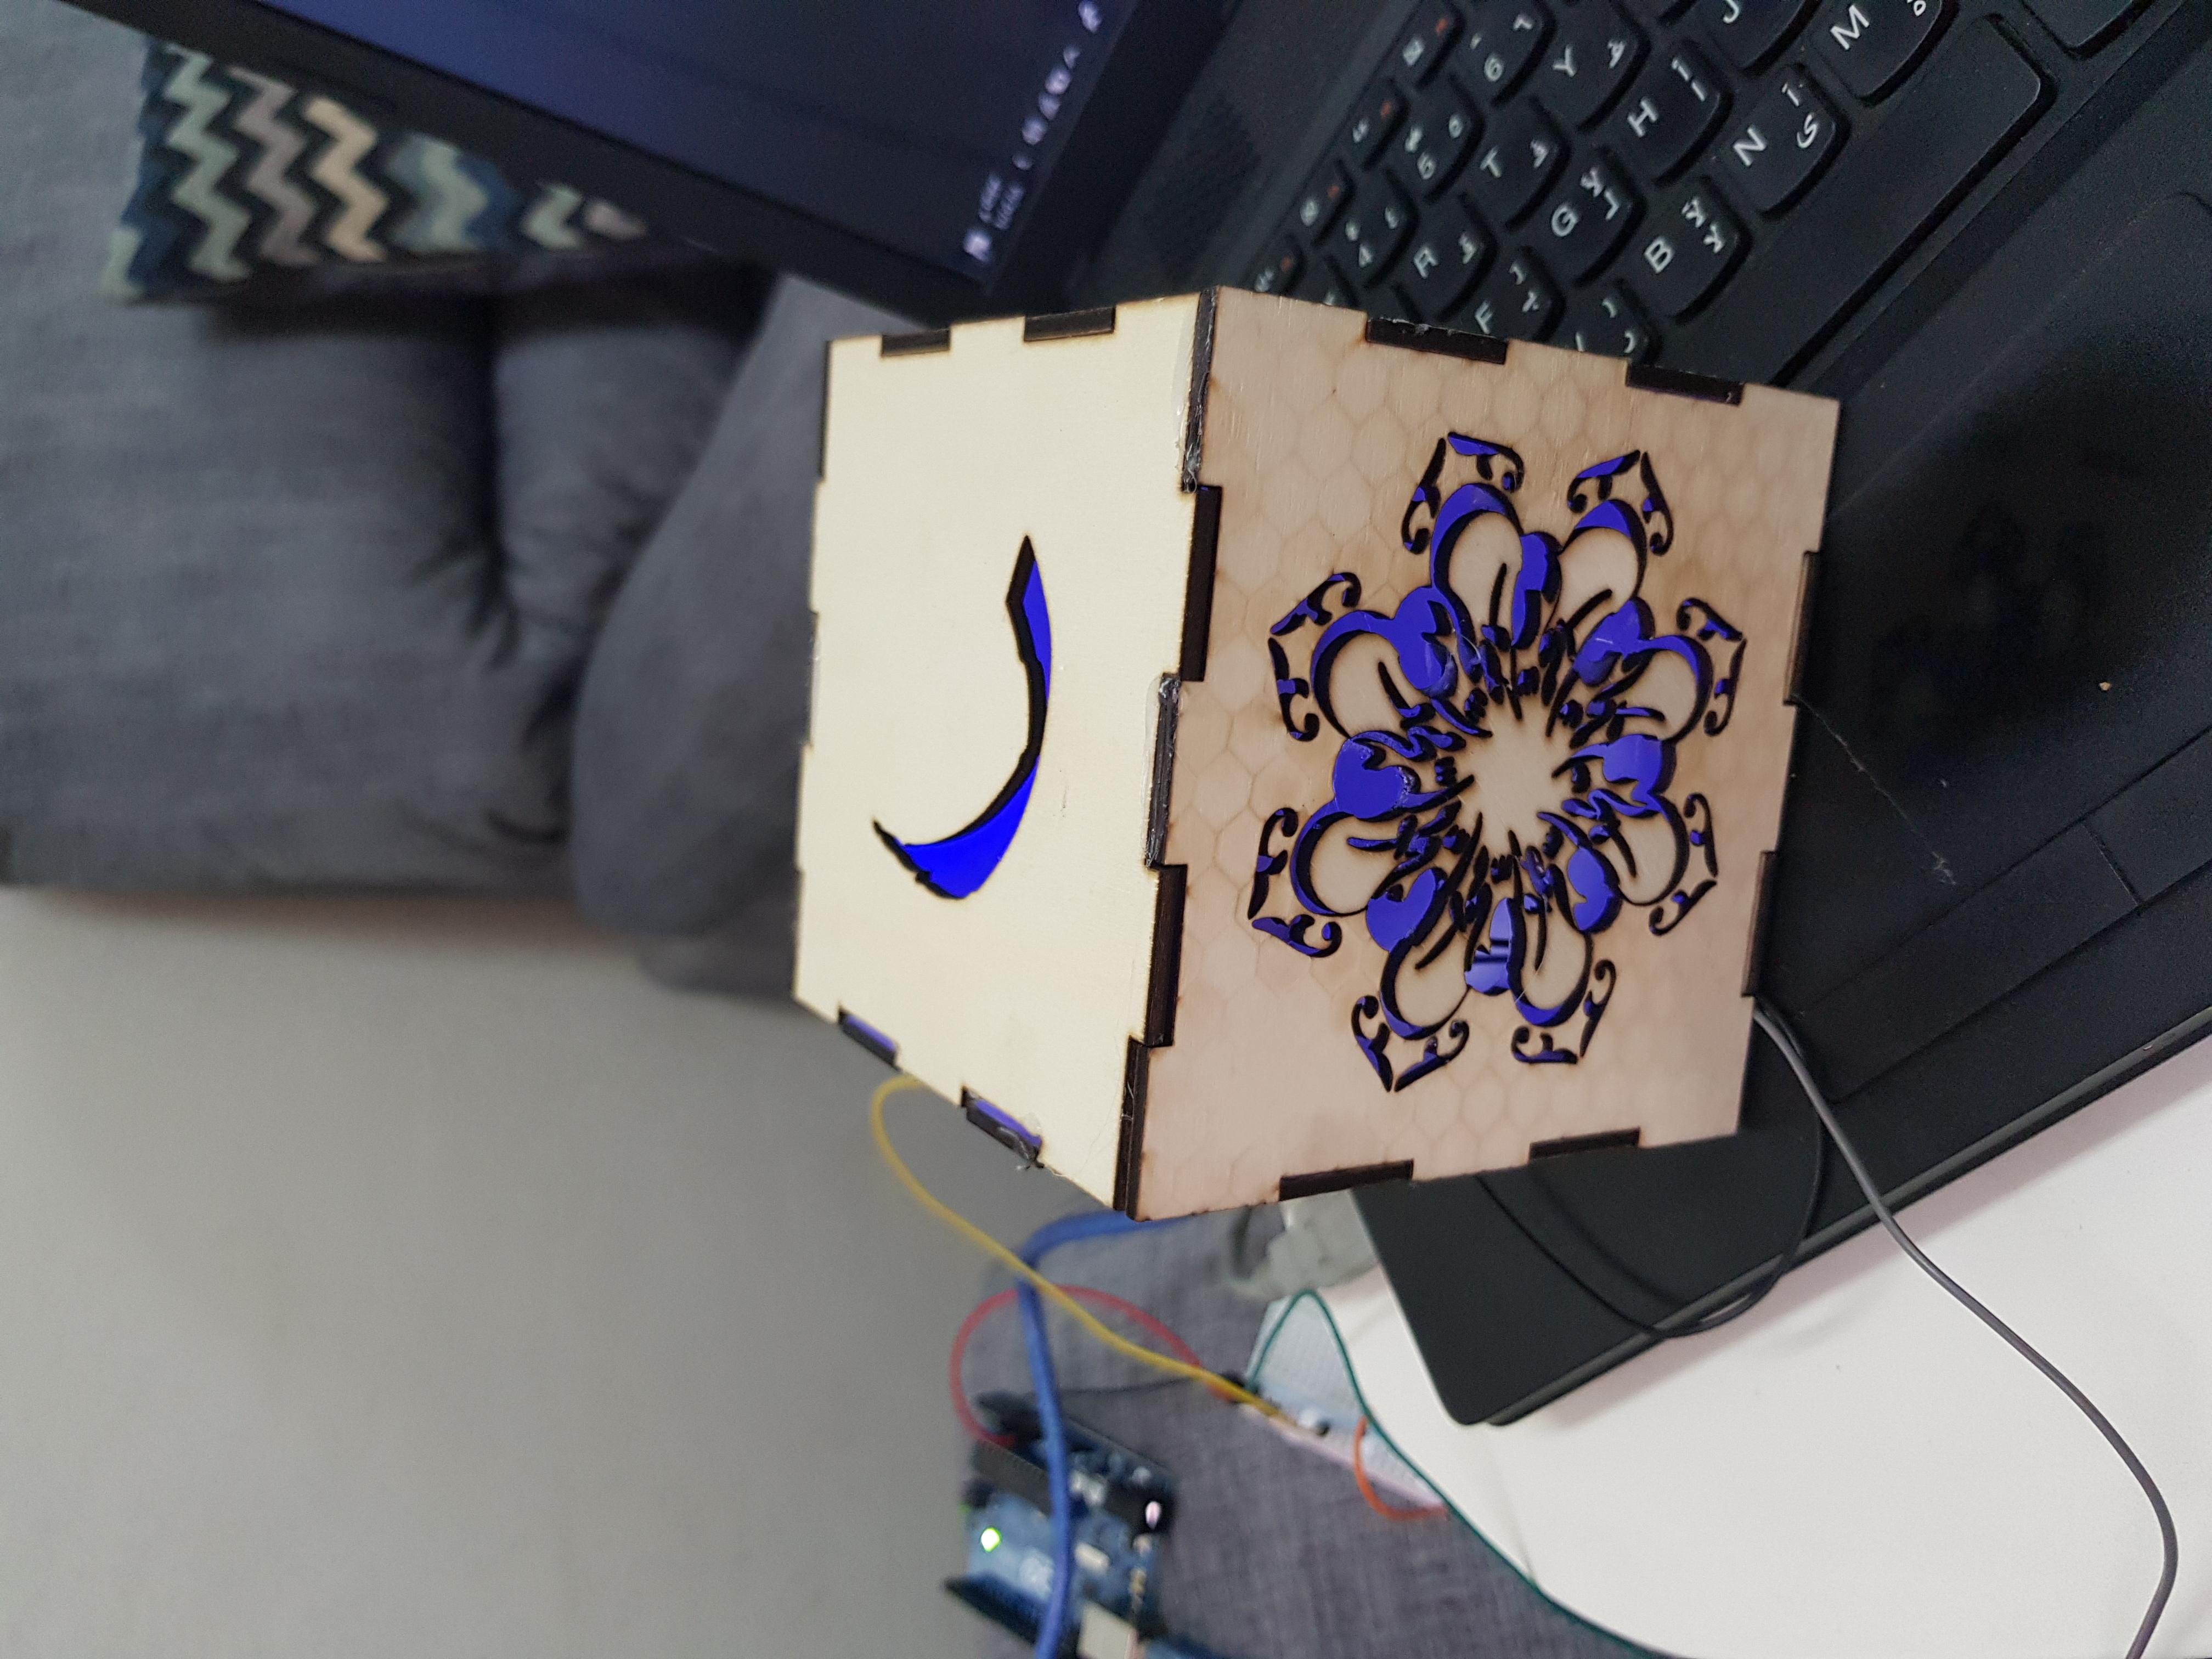 عمل ابجورة ضوئية تفاعلية عن طريق لوحة اردوينو.١